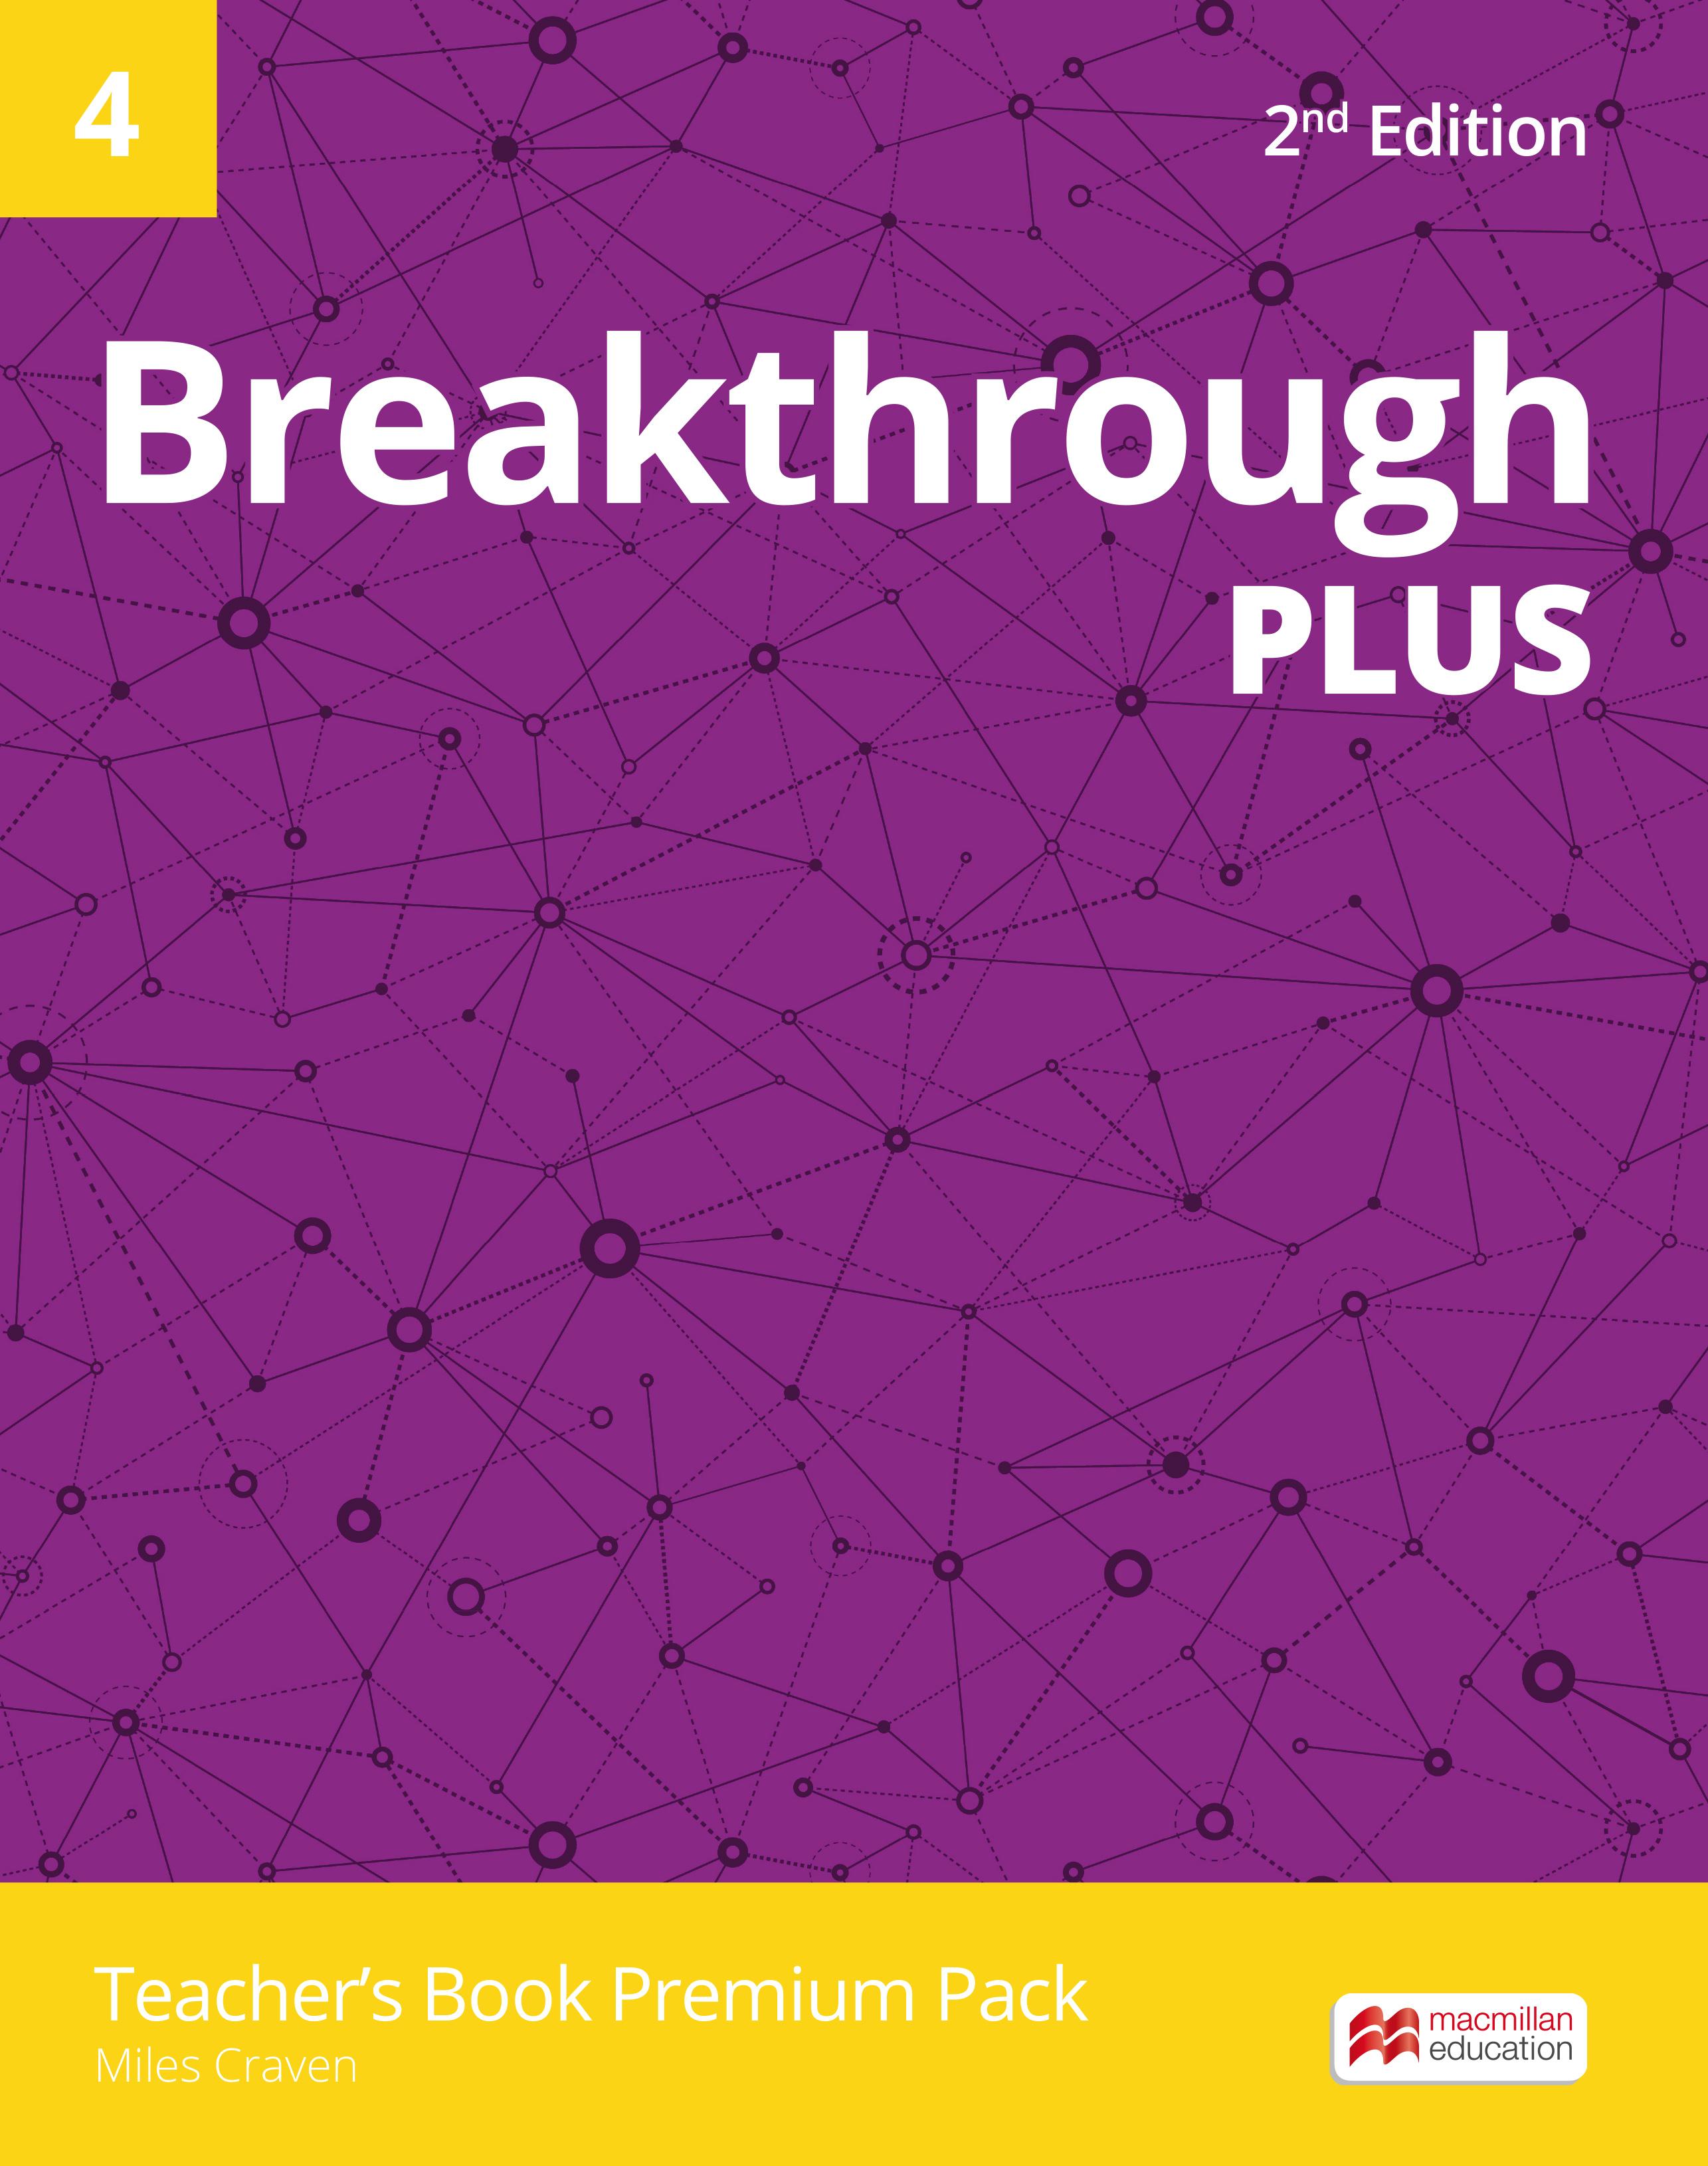 Breakthrough Plus 2nd Edition Level 4 Premium Teacher